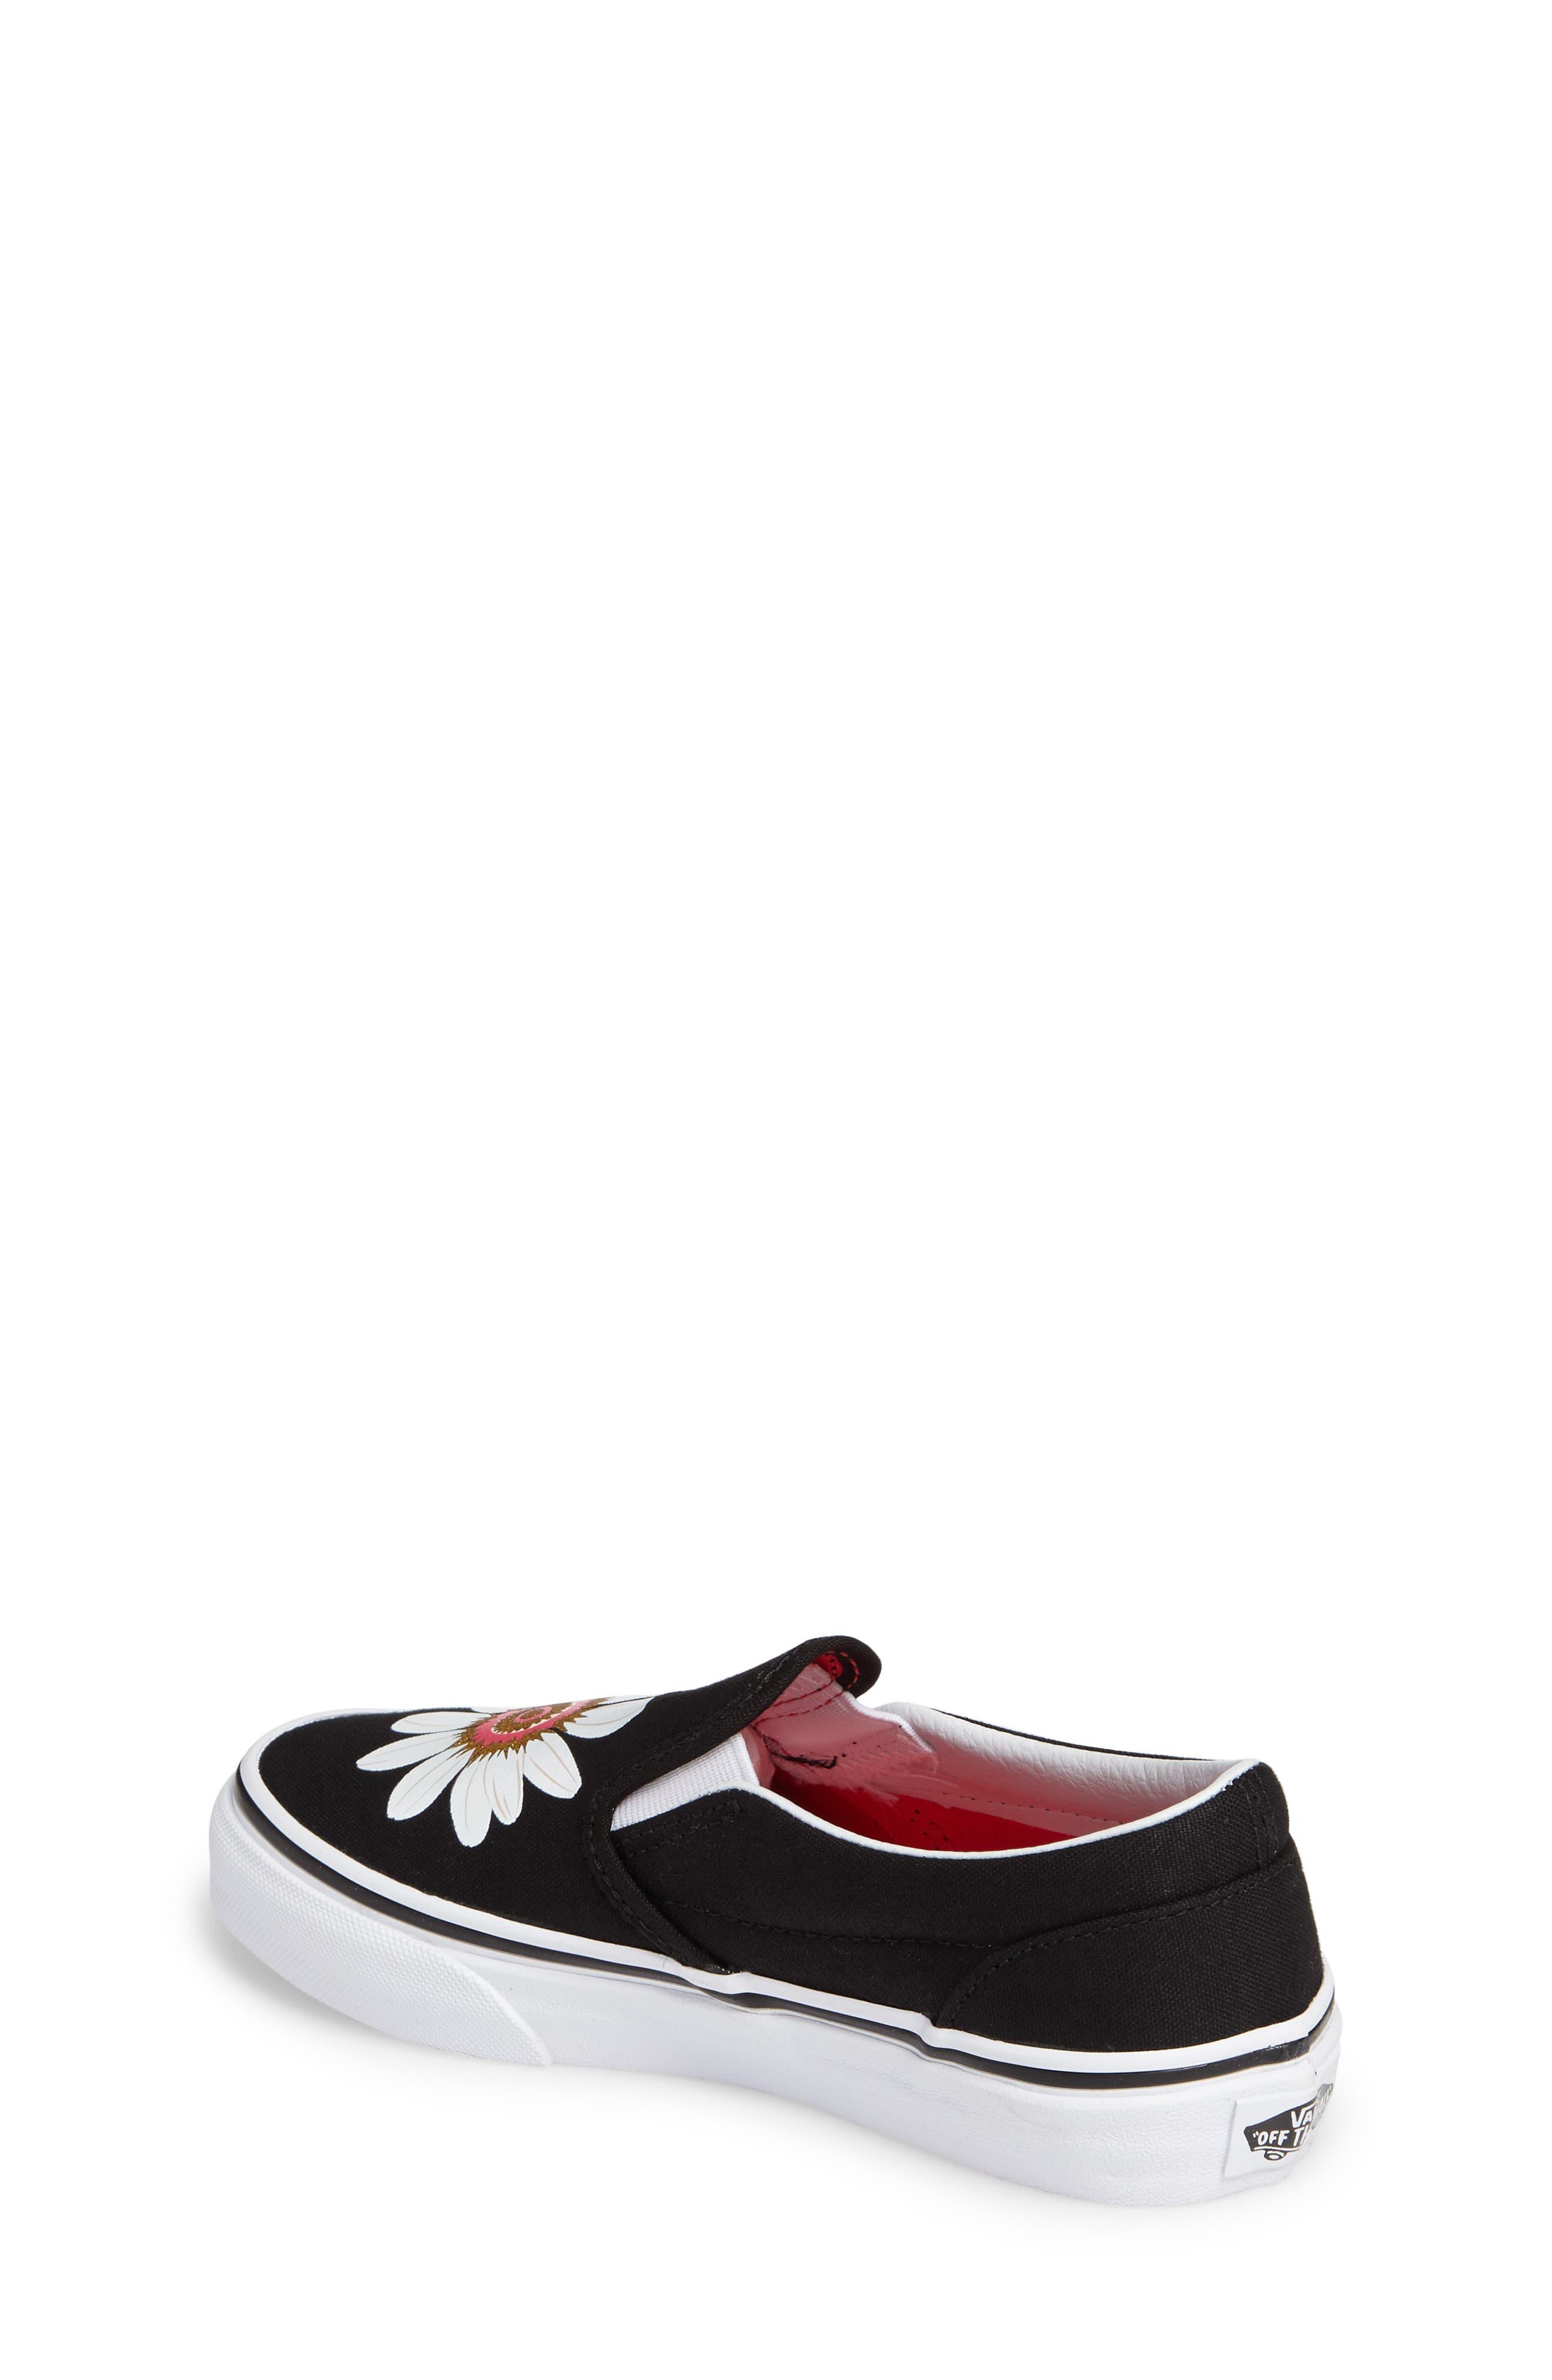 Alternate Image 2  - Vans Classic Flower Slip-On Sneaker (Baby, Walker, Toddler, Little Kid & Big Kid)